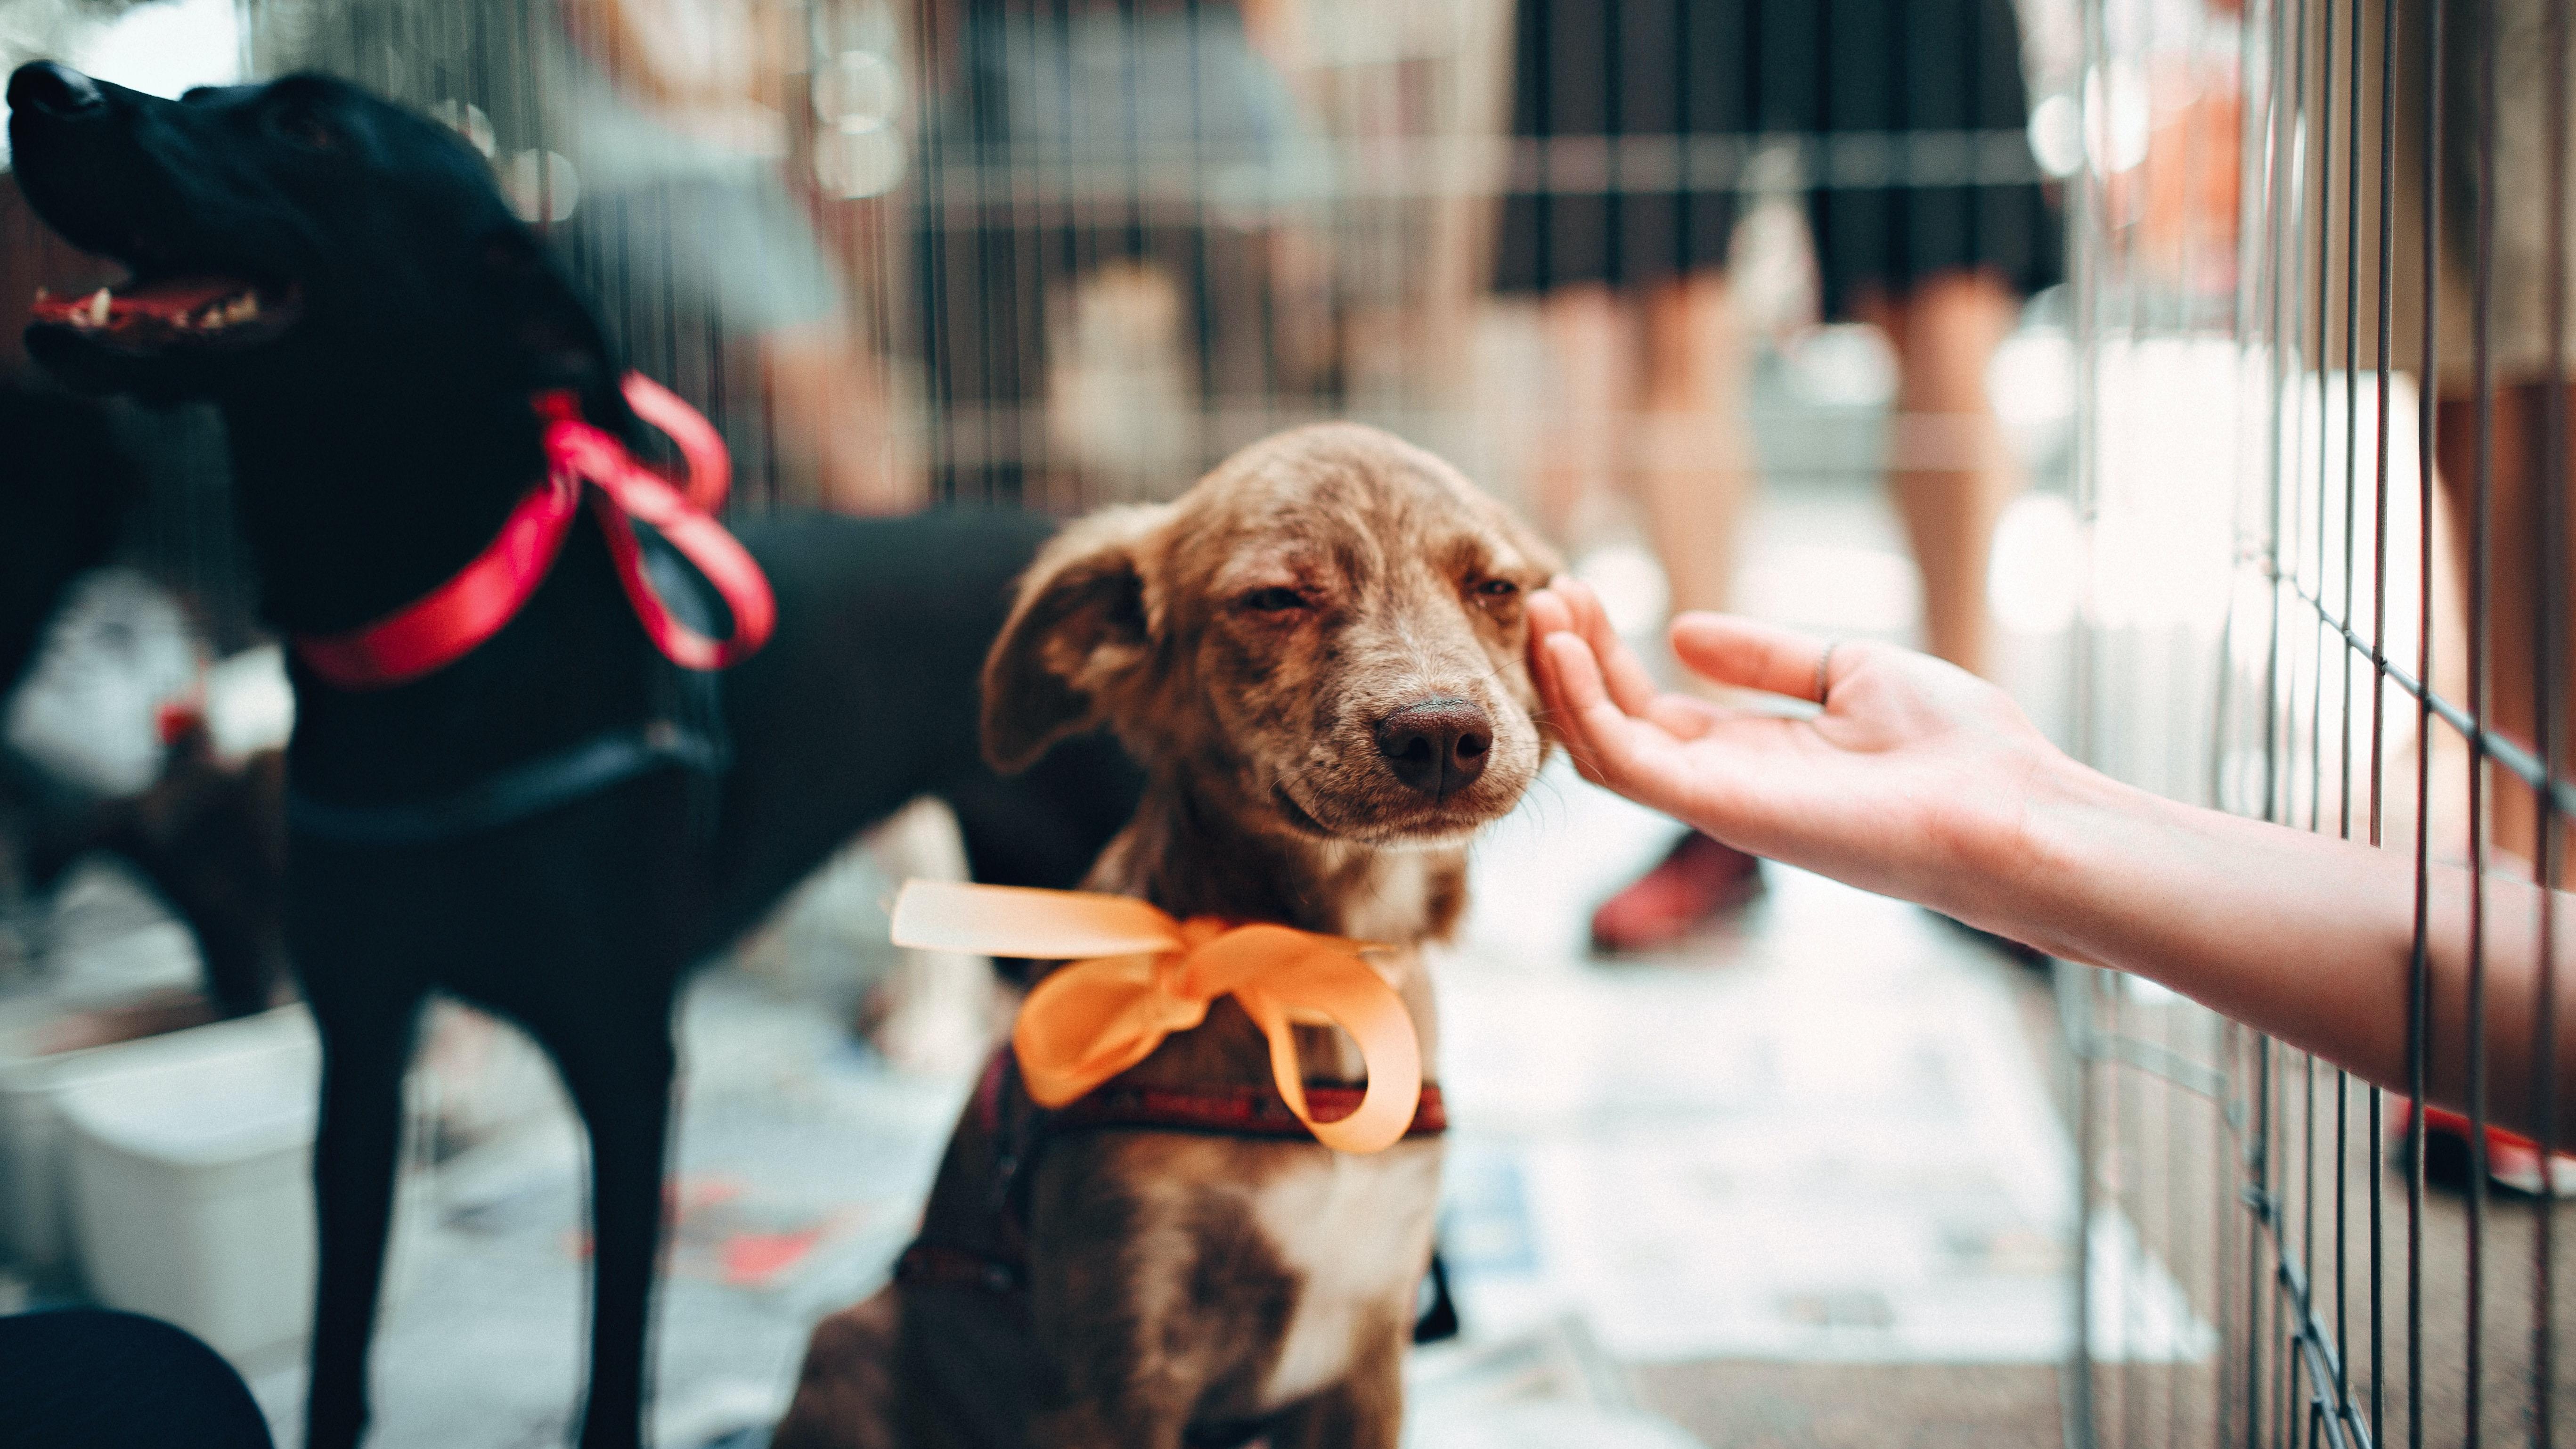 Möchte man seinen Hund im Tierheim abgeben, ist es wichtig, an alle nötigen Schritte zu denken und dem Hund die Eingewöhnungszeit zu erleichtern - etwa mithilfe vertrauter Gegenstände.